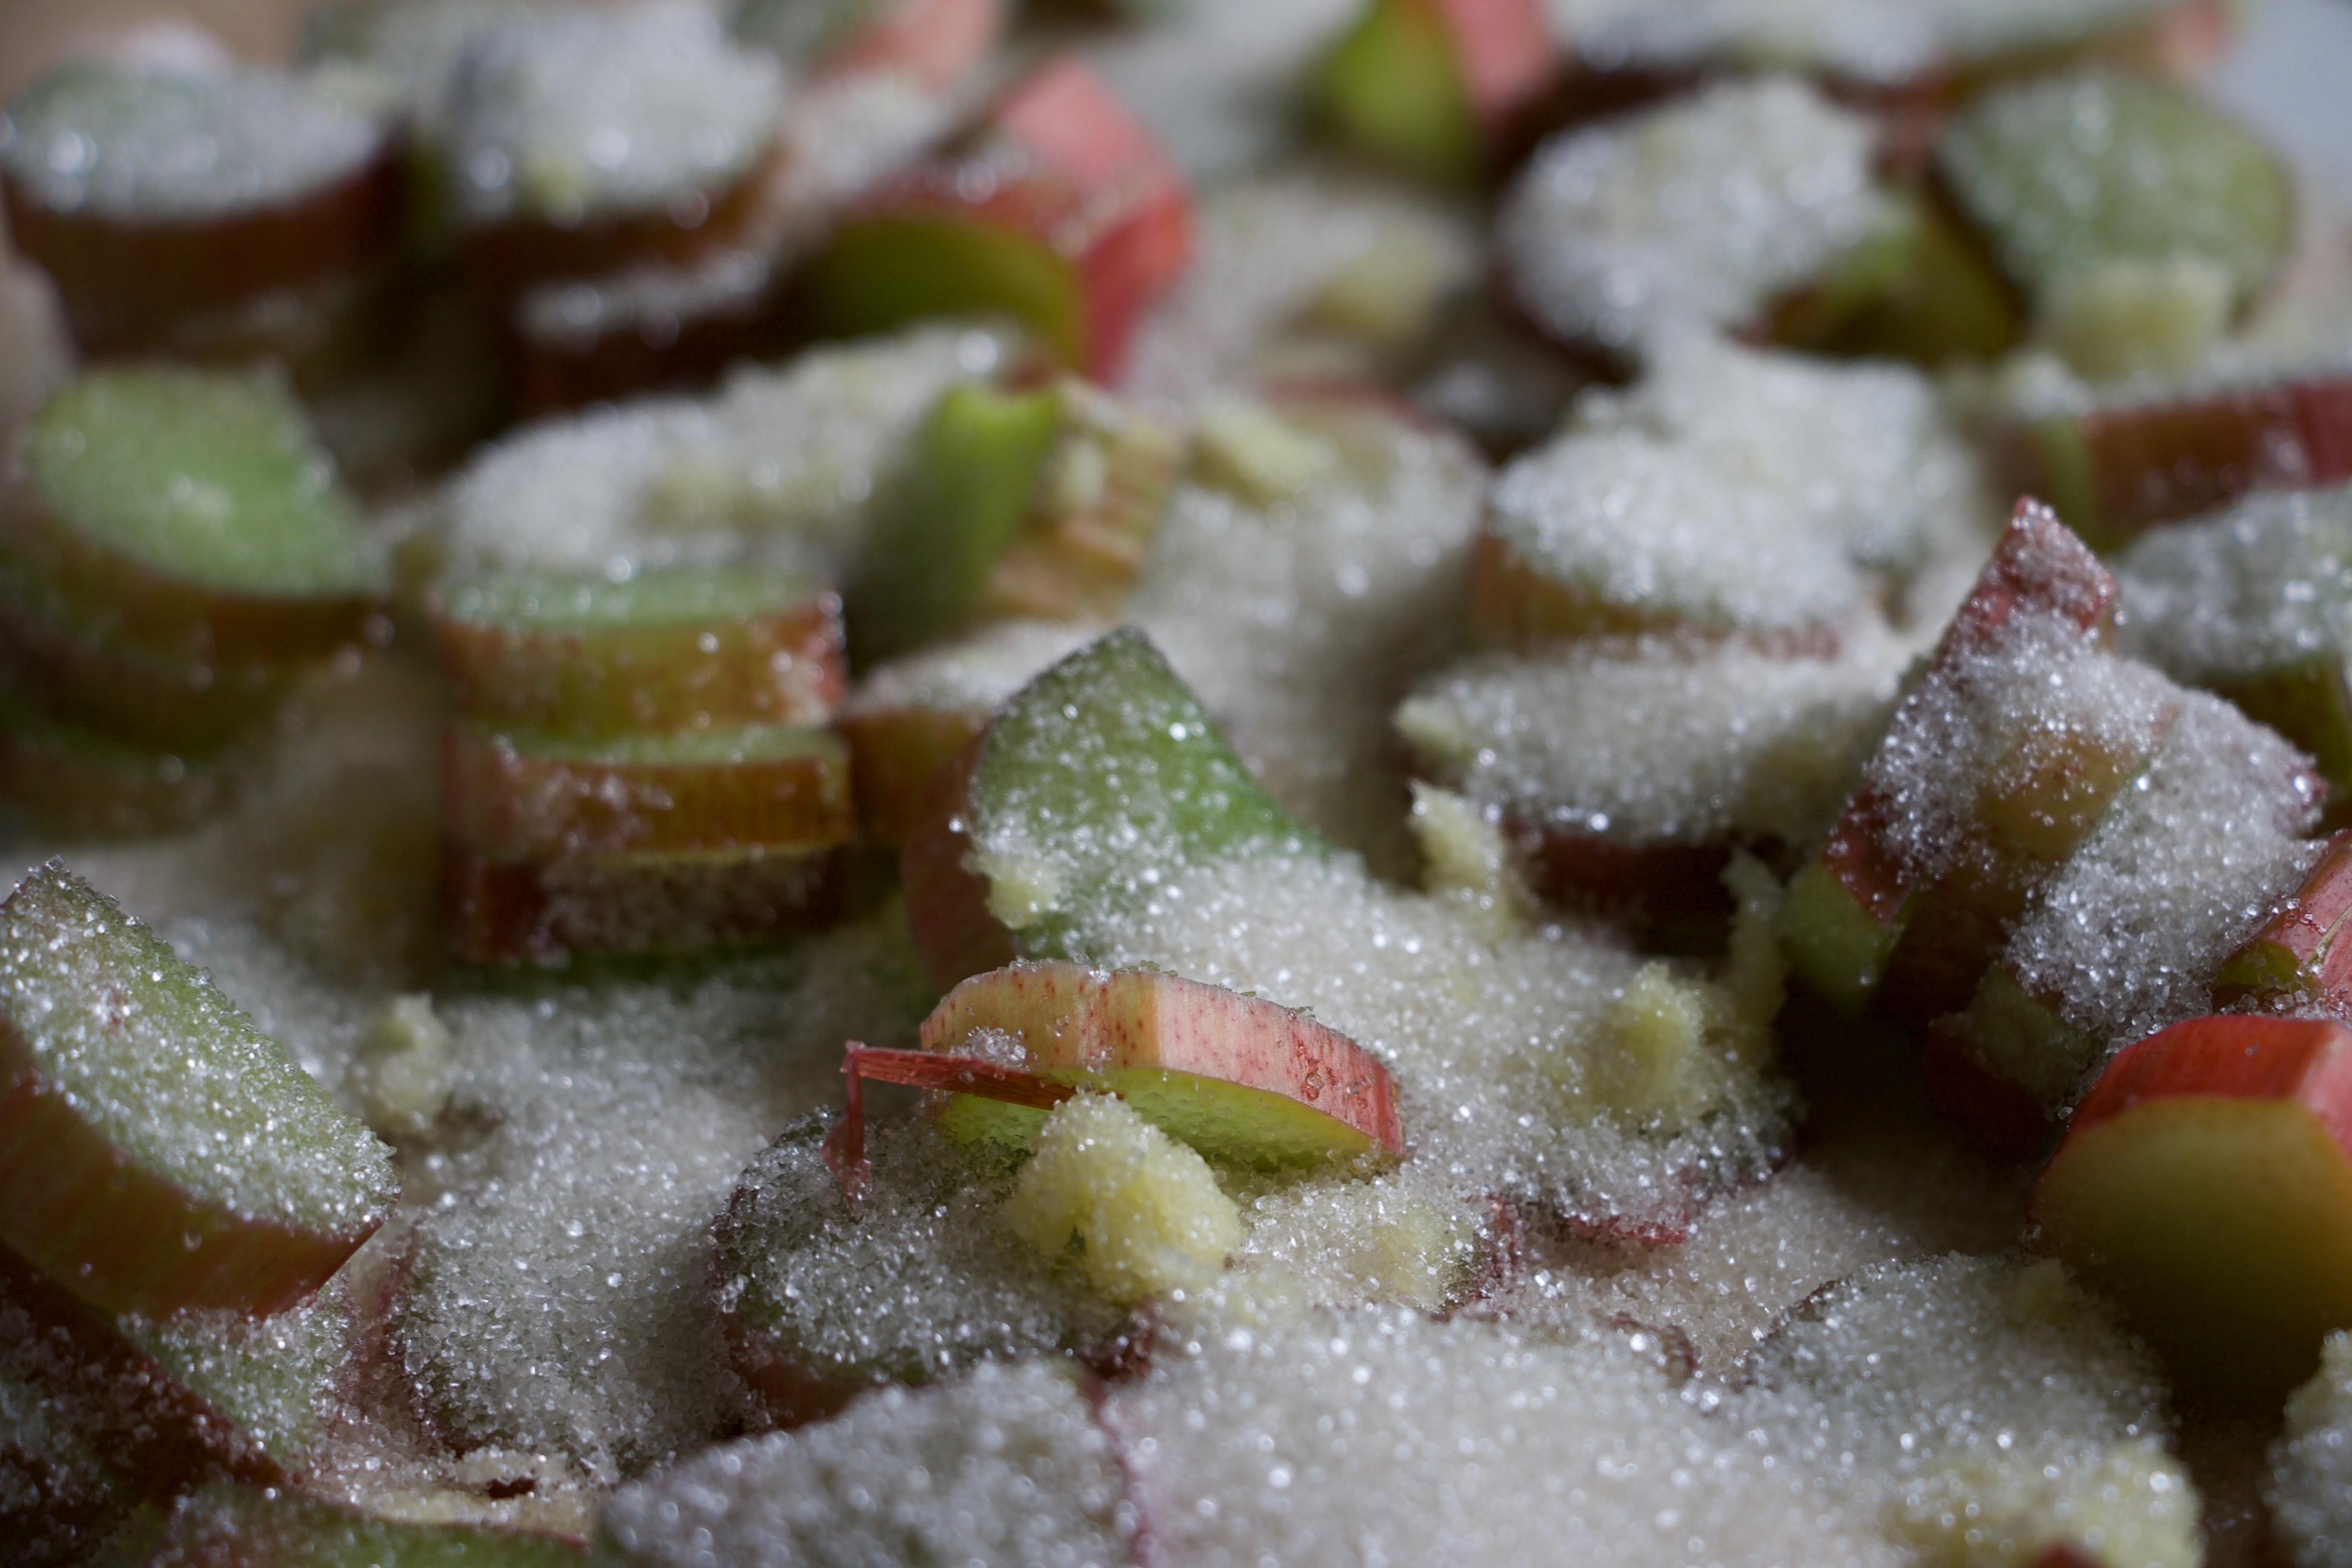 Ingefærmuffins med rabarberkompot